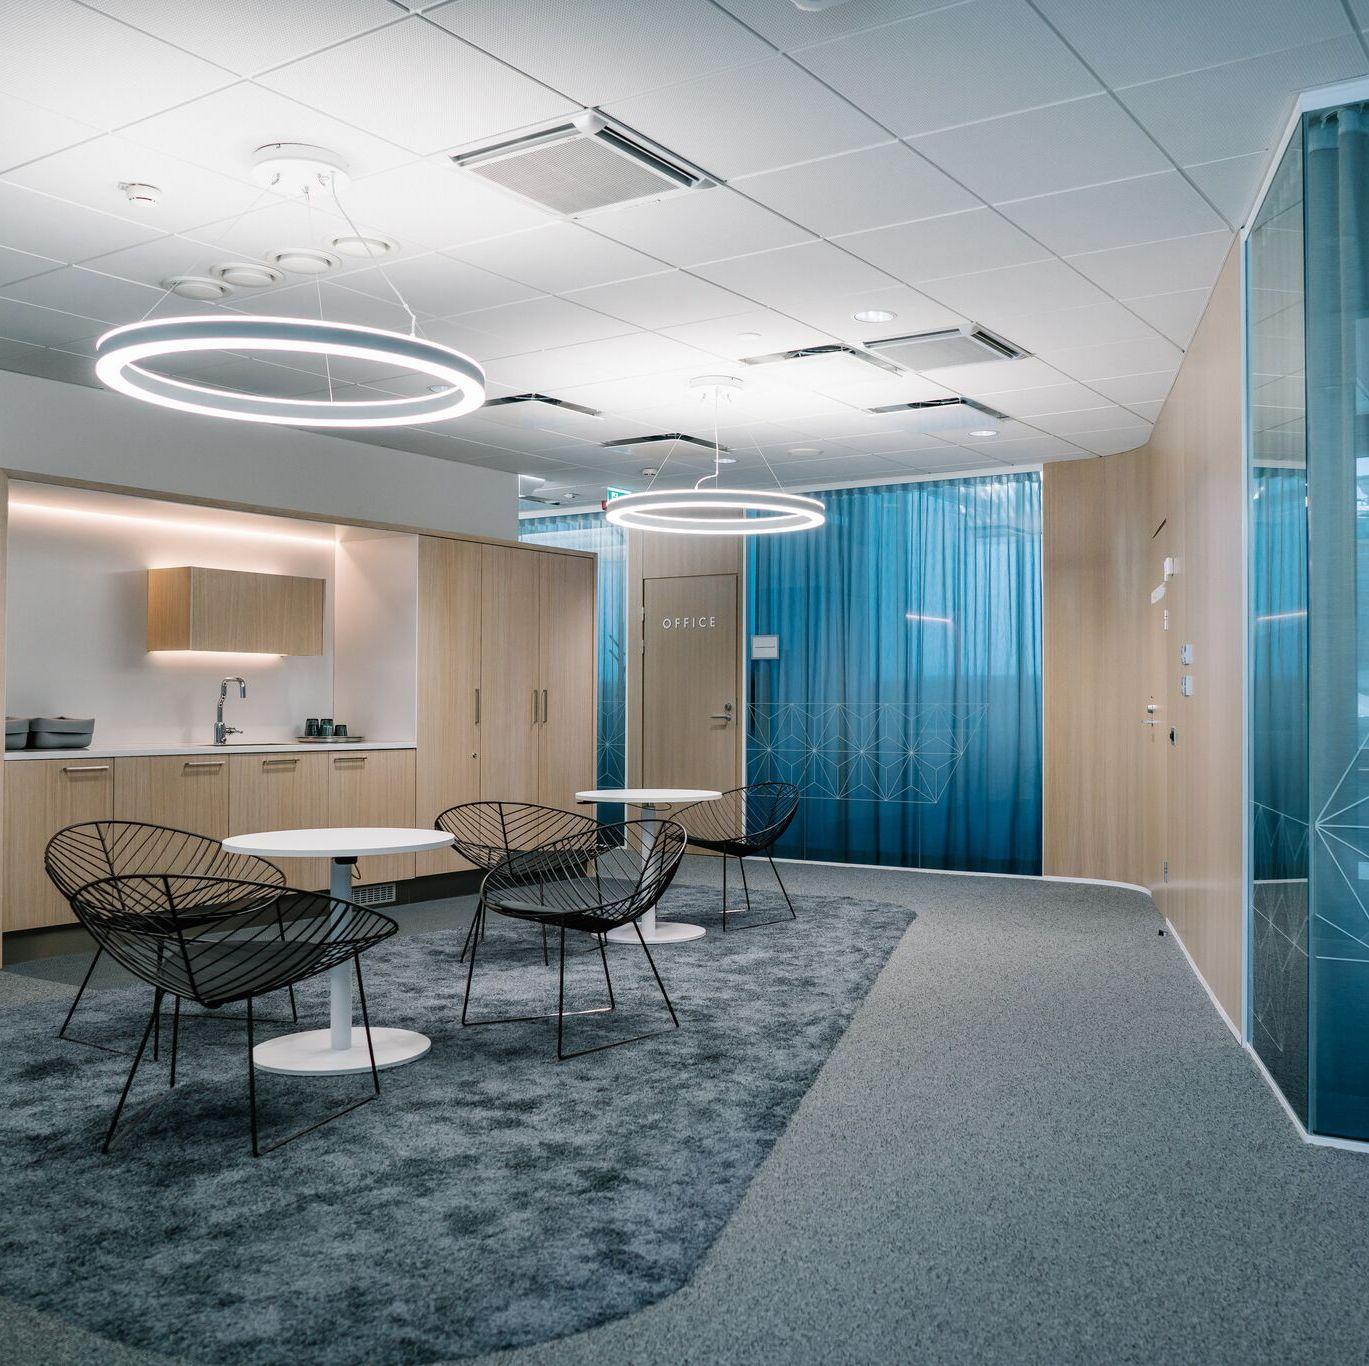 Technopolis Ülemiste avab 1800m² ühistöötamise kontori Tallinna kesklinnas